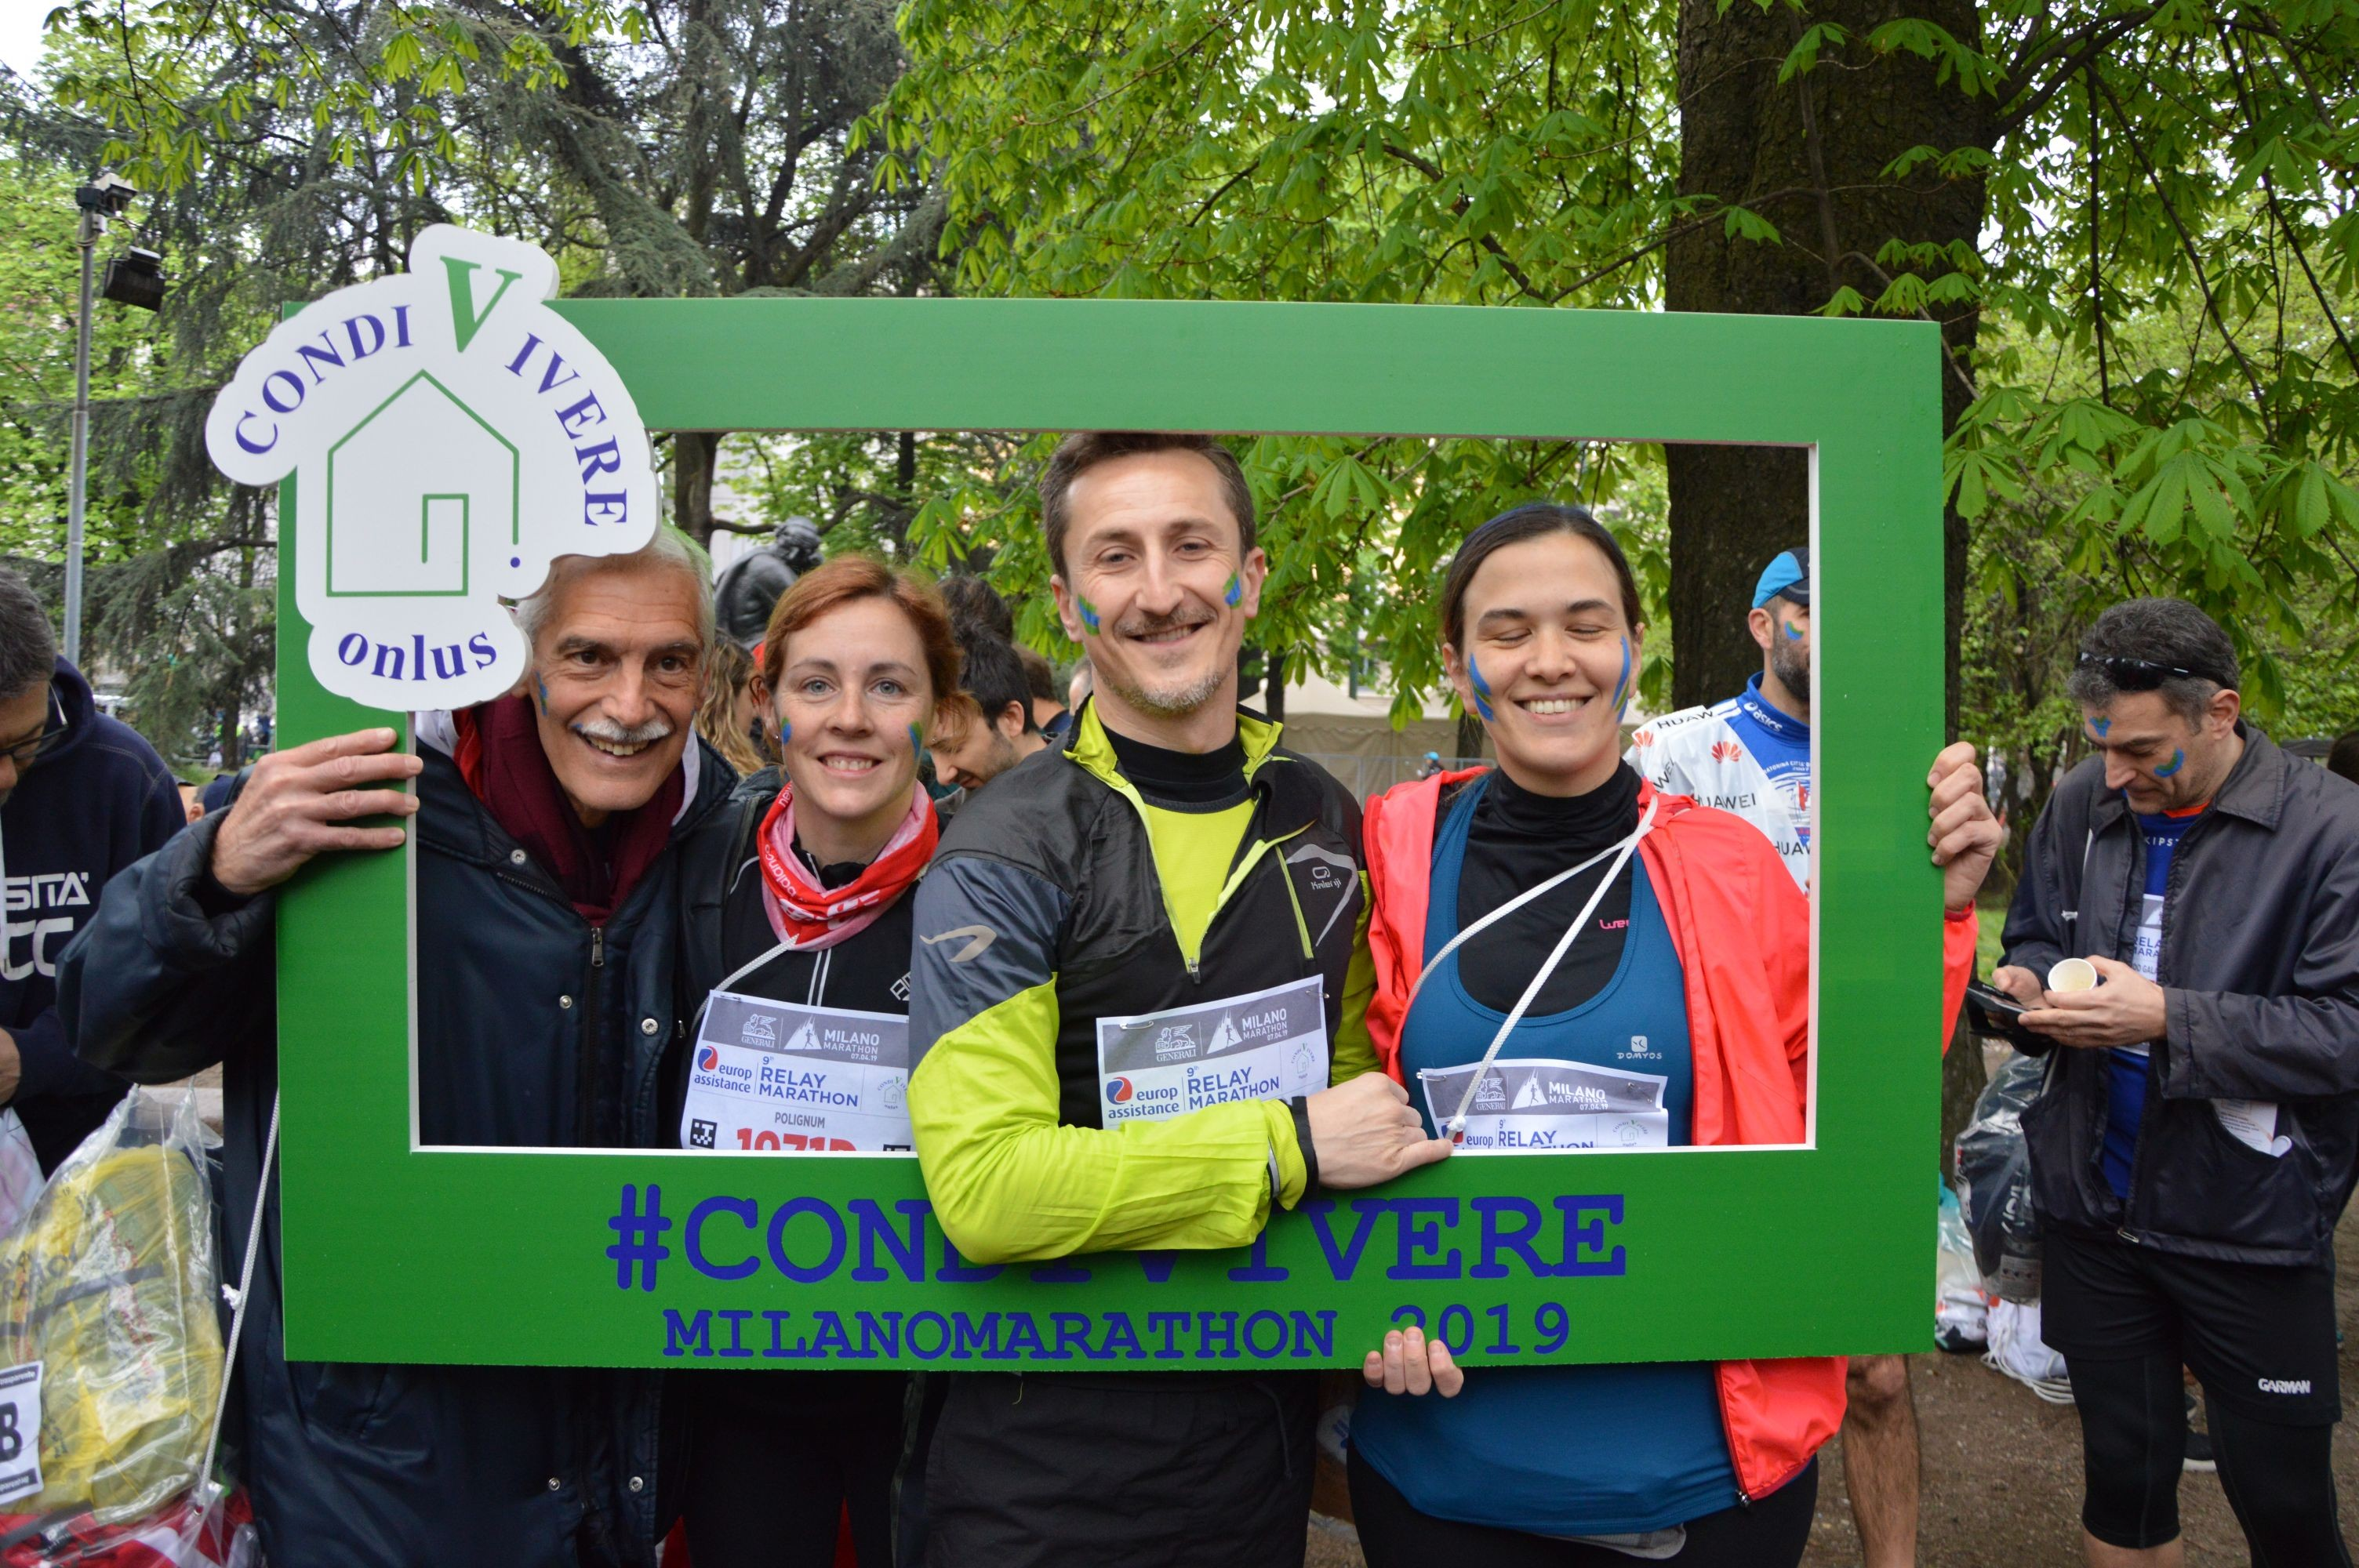 CONDIVIVERE LA MILANO MARATHON 2020-Fondazione CondiVivere